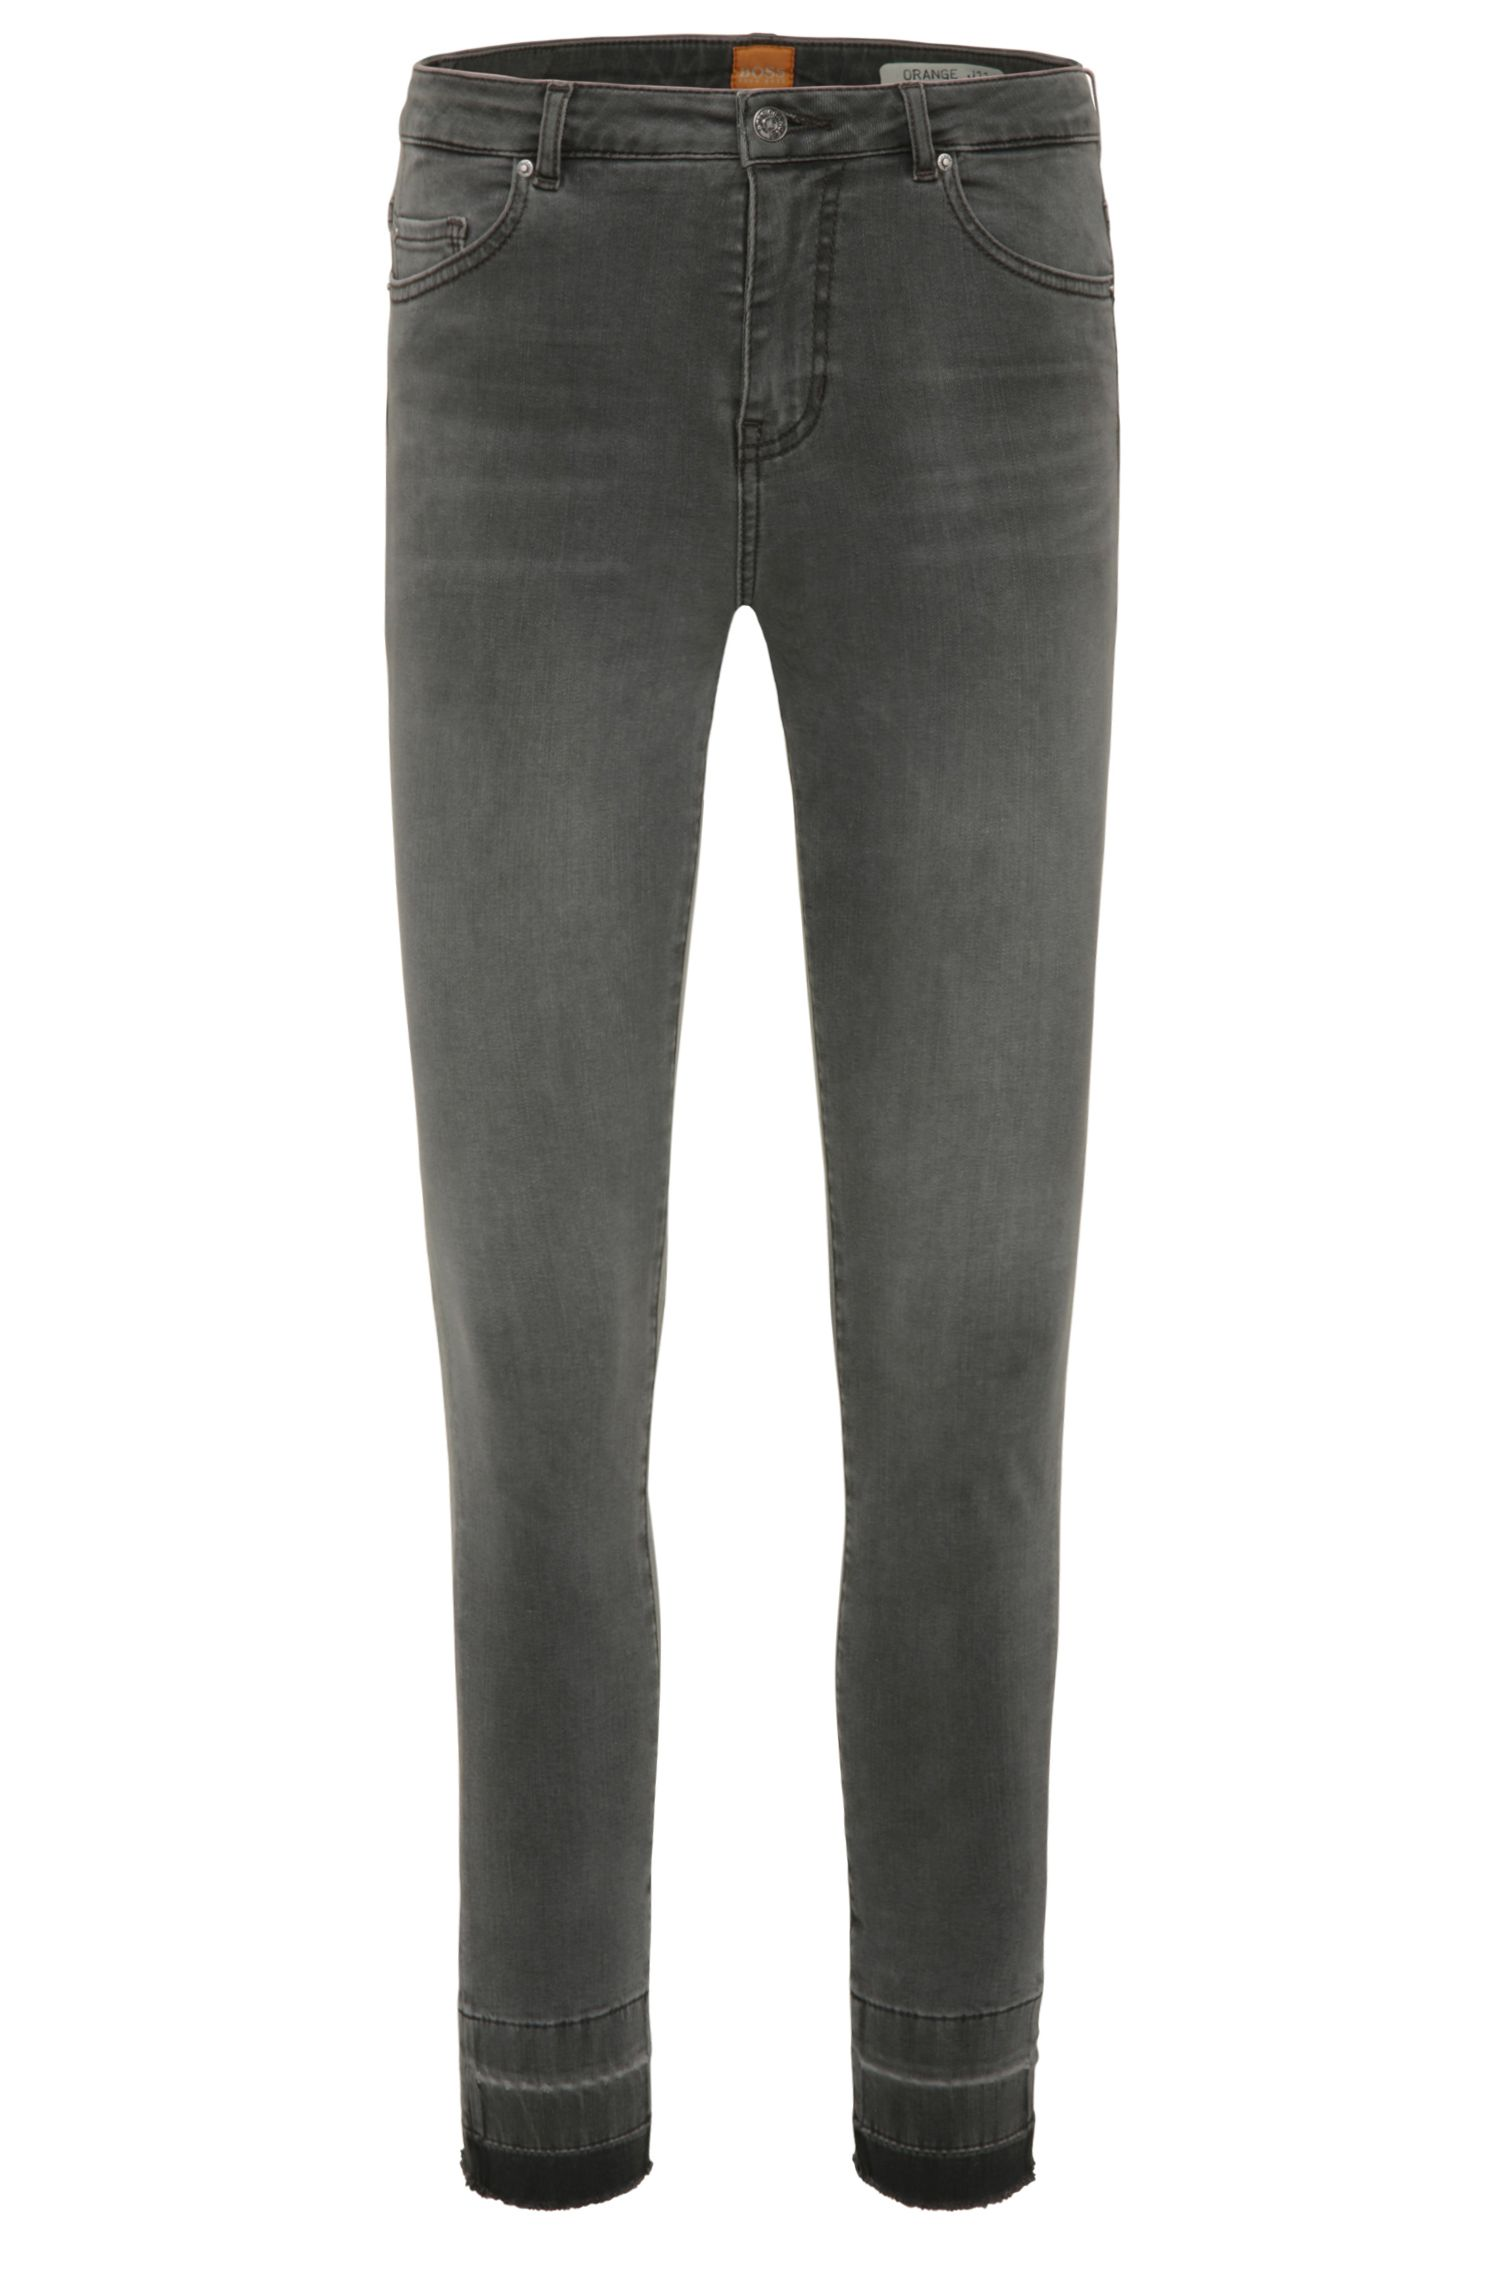 Jeans Skinny Fit aux effets délavés en coton mélangé extensible: «Orange J11 Mariposa»